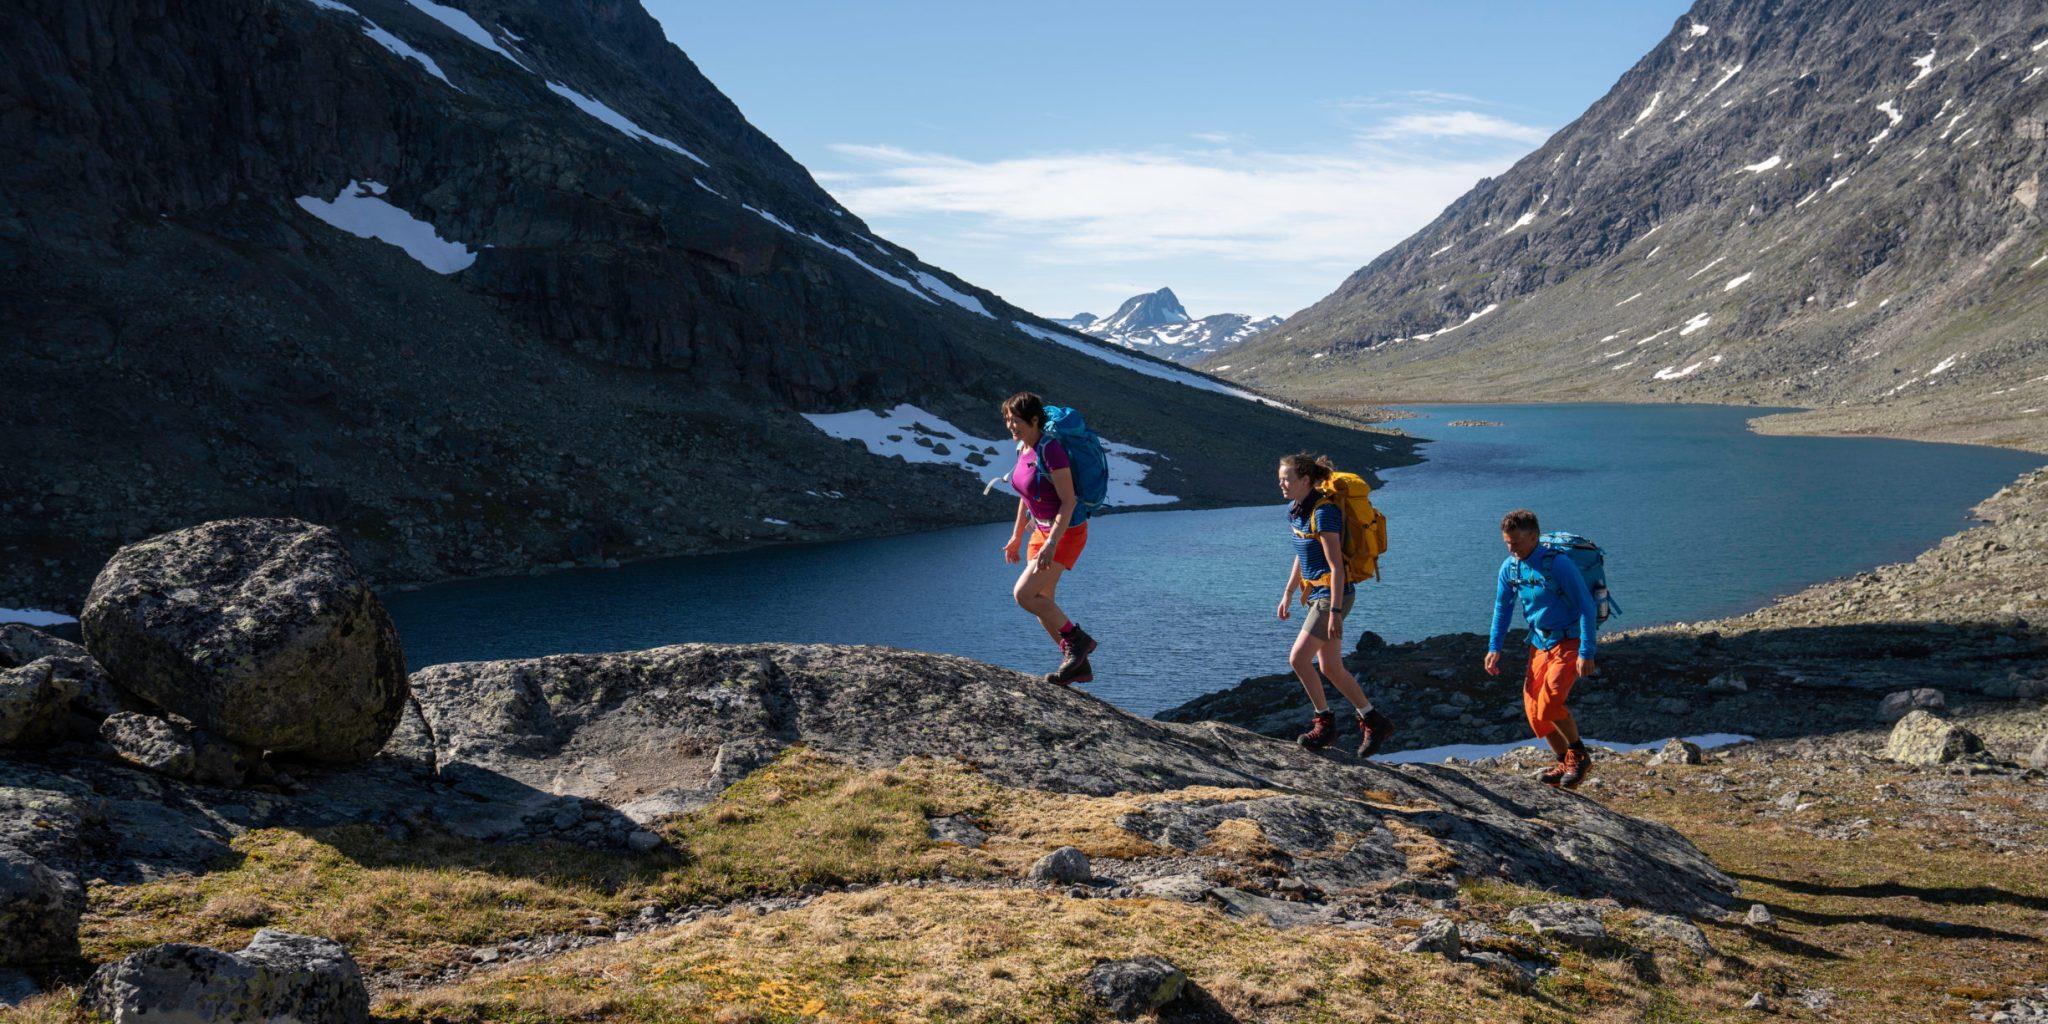 Hiking through the Svartdalen valley. Historical Route, Jotunheimen.